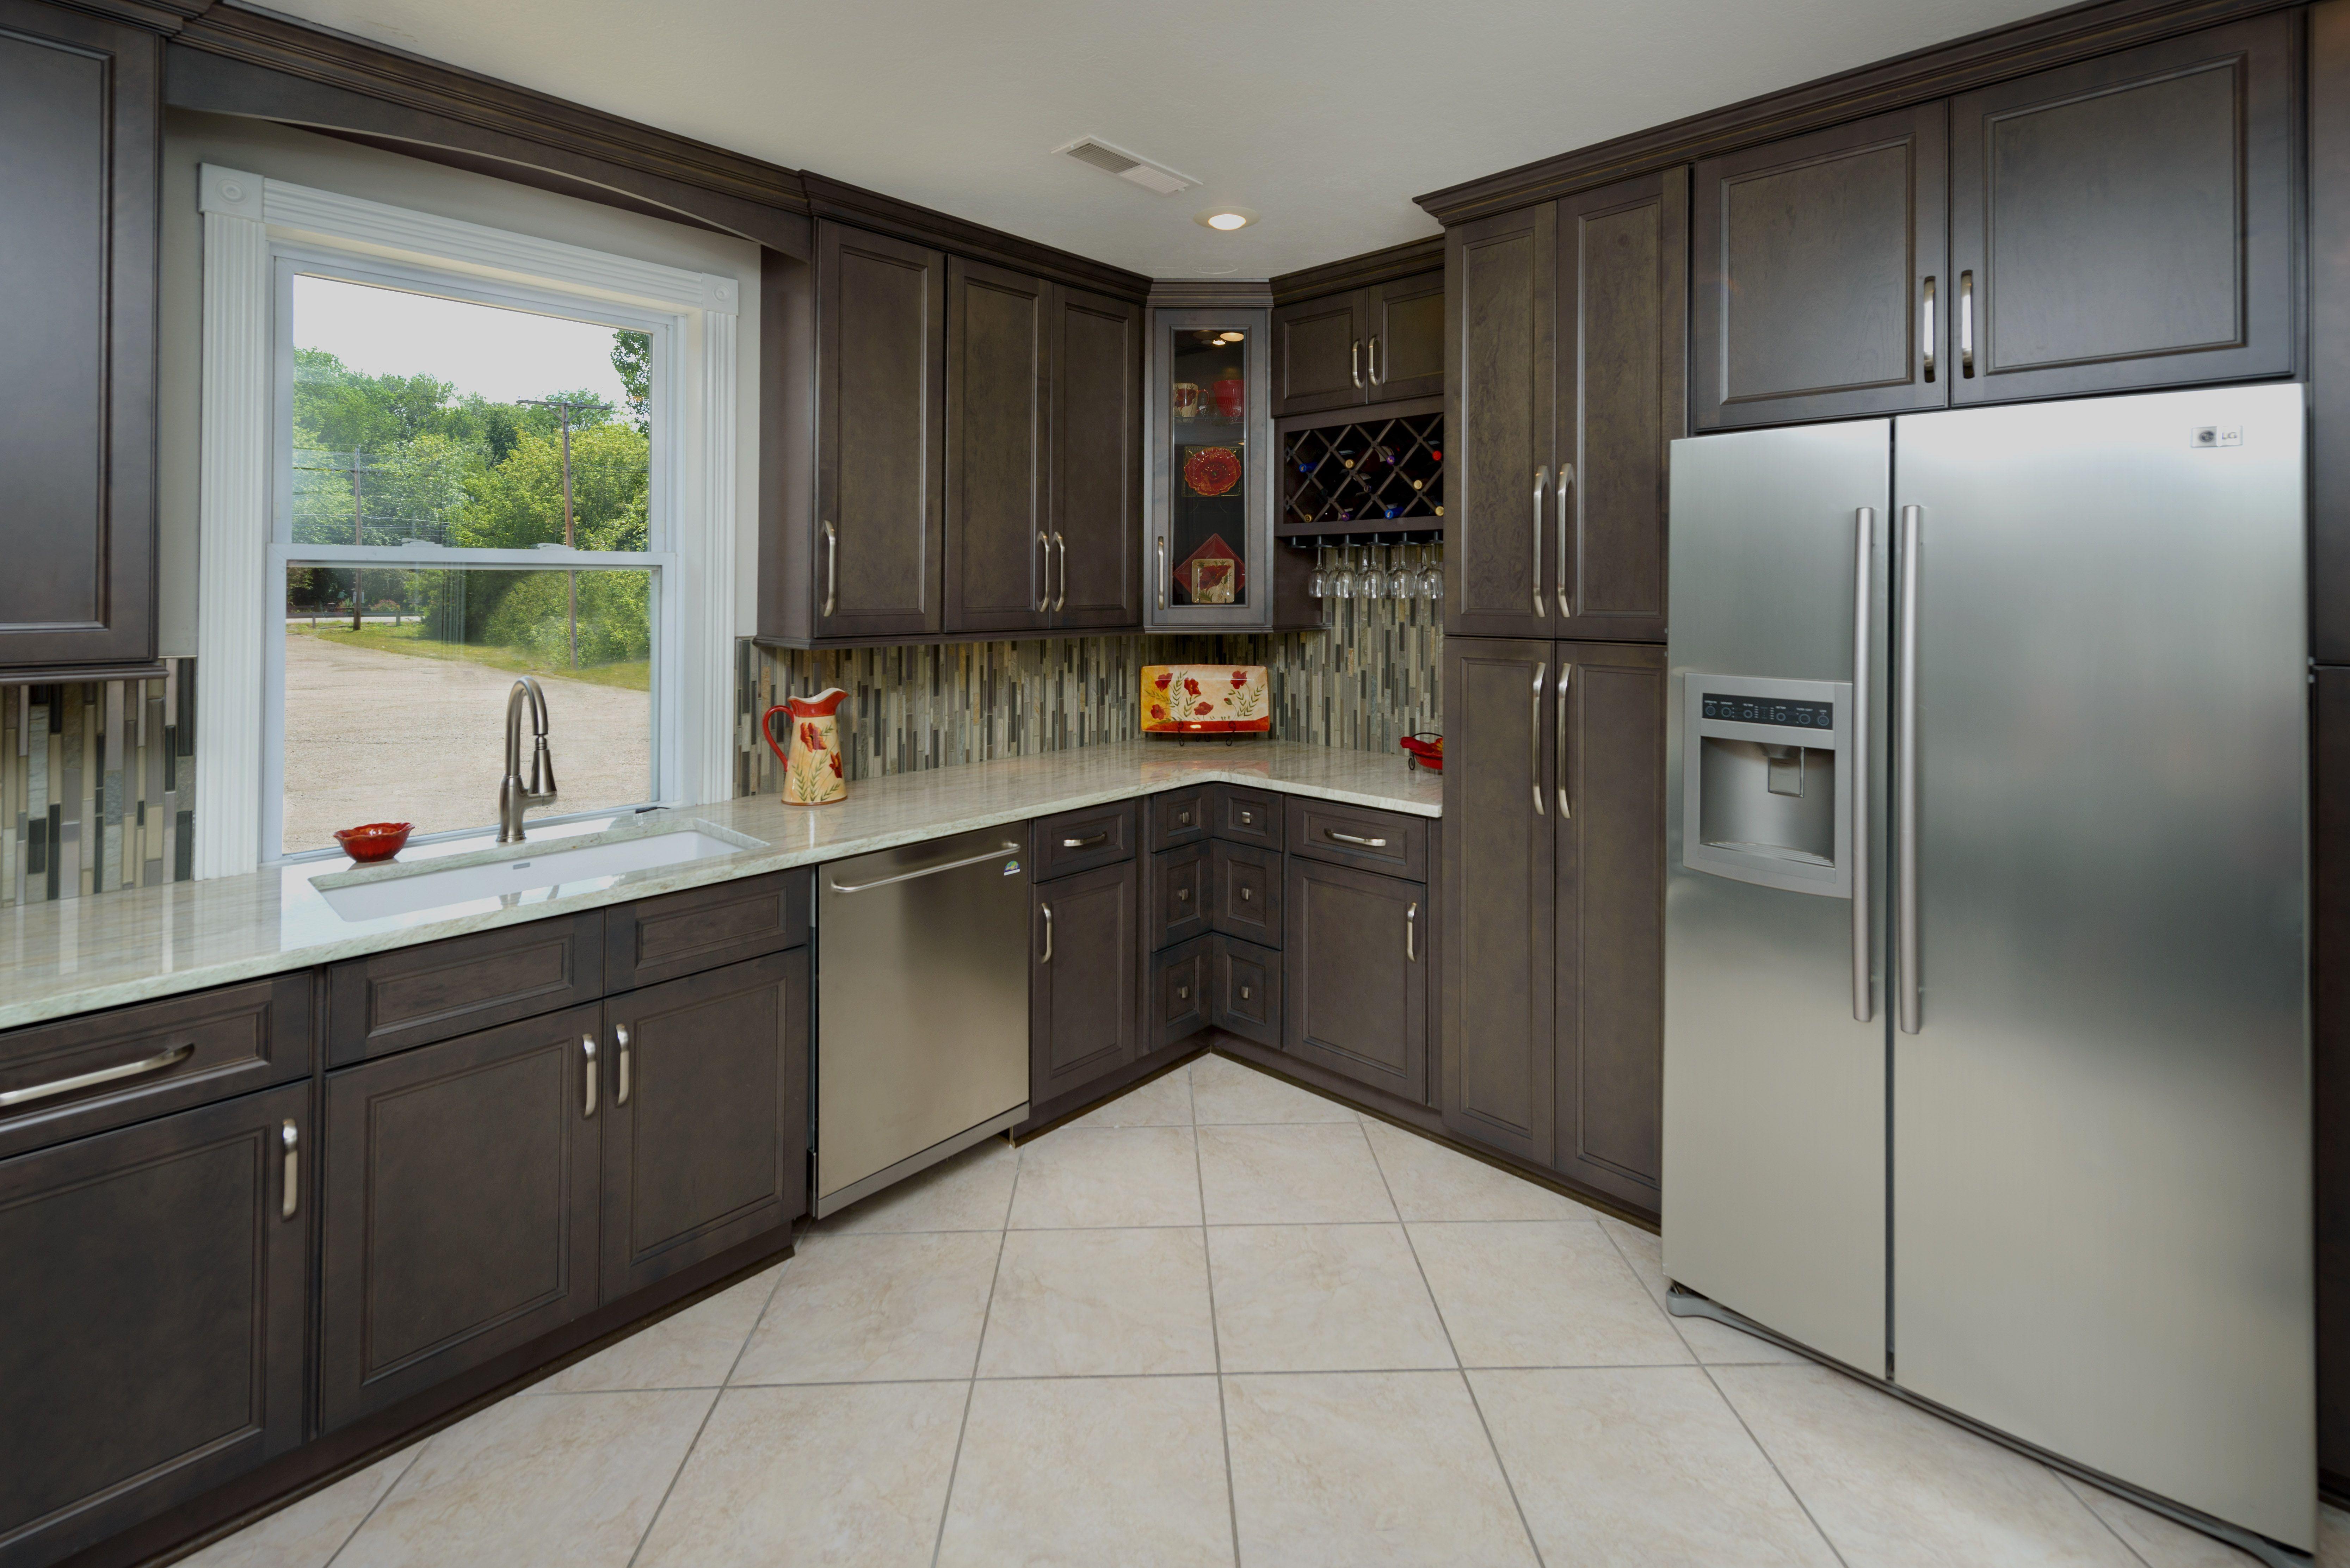 West Point Grey Kitchen Cabinet Styles Grey Kitchen Cabinets Kitchen Cabinet Painters